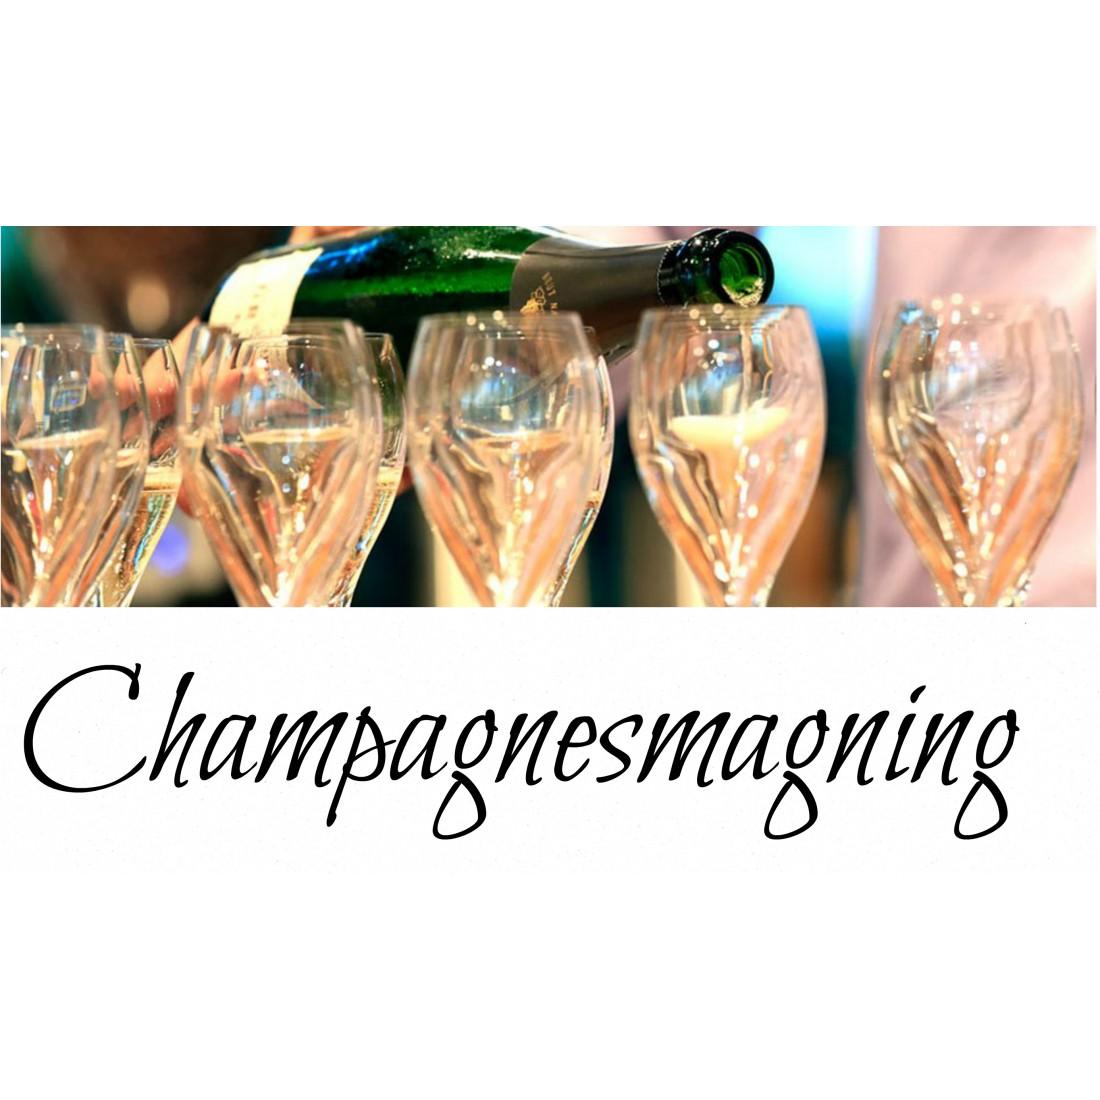 Champagnesmagning tirsdag den 29 december kl. 19.00 I ChampagneKælderen-31